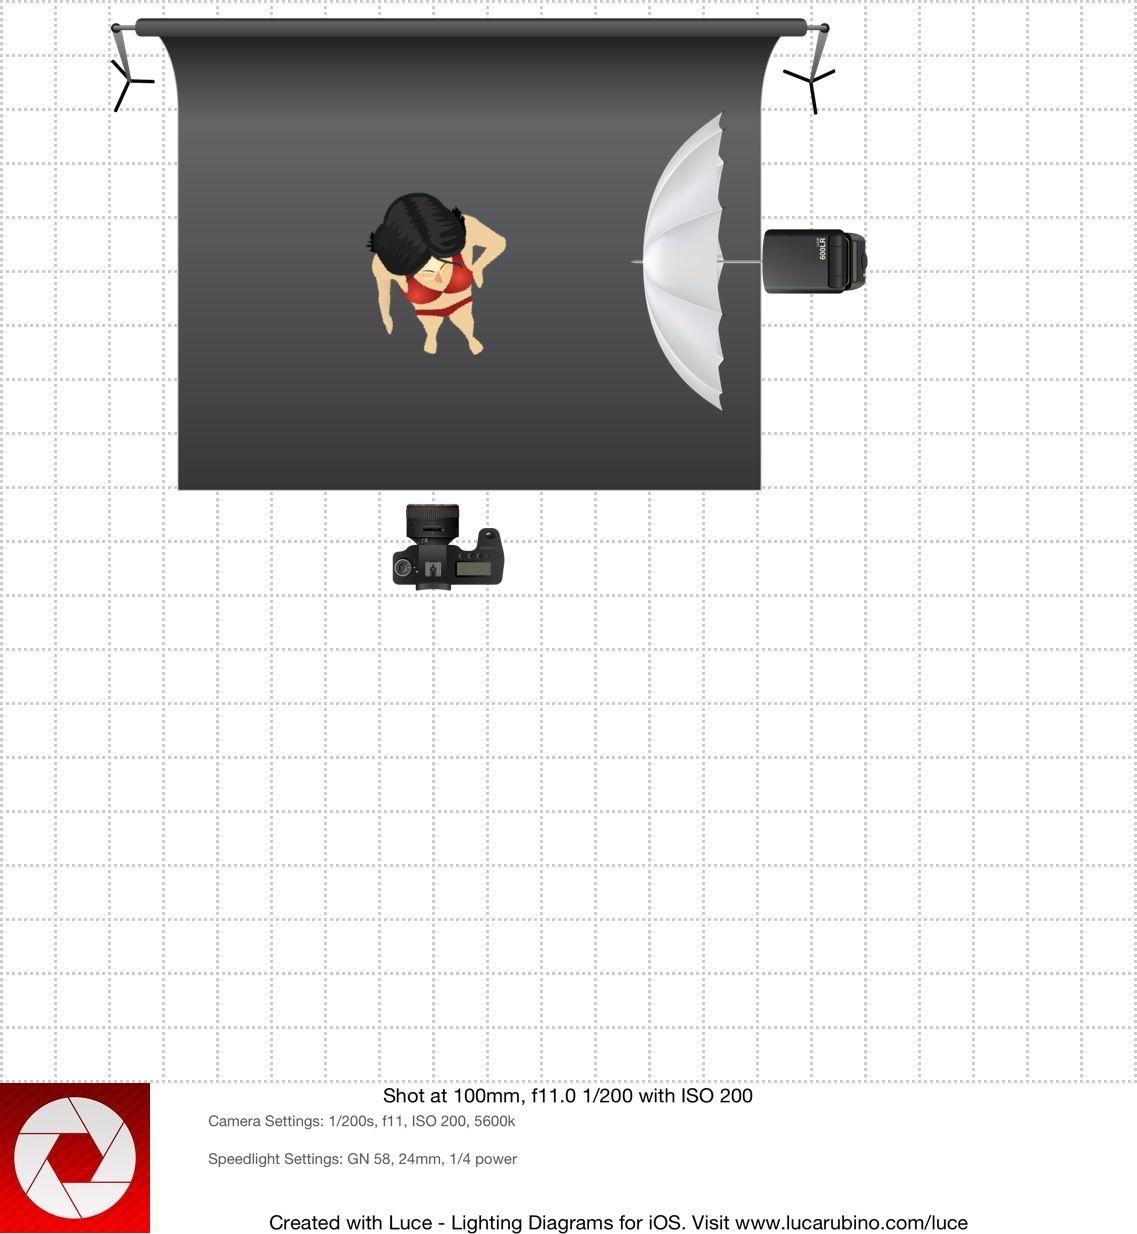 Bodyscape Simple Lighting Camera Settings  1  200s  F11  Iso 200  5600k Speedlight Settings  Gn